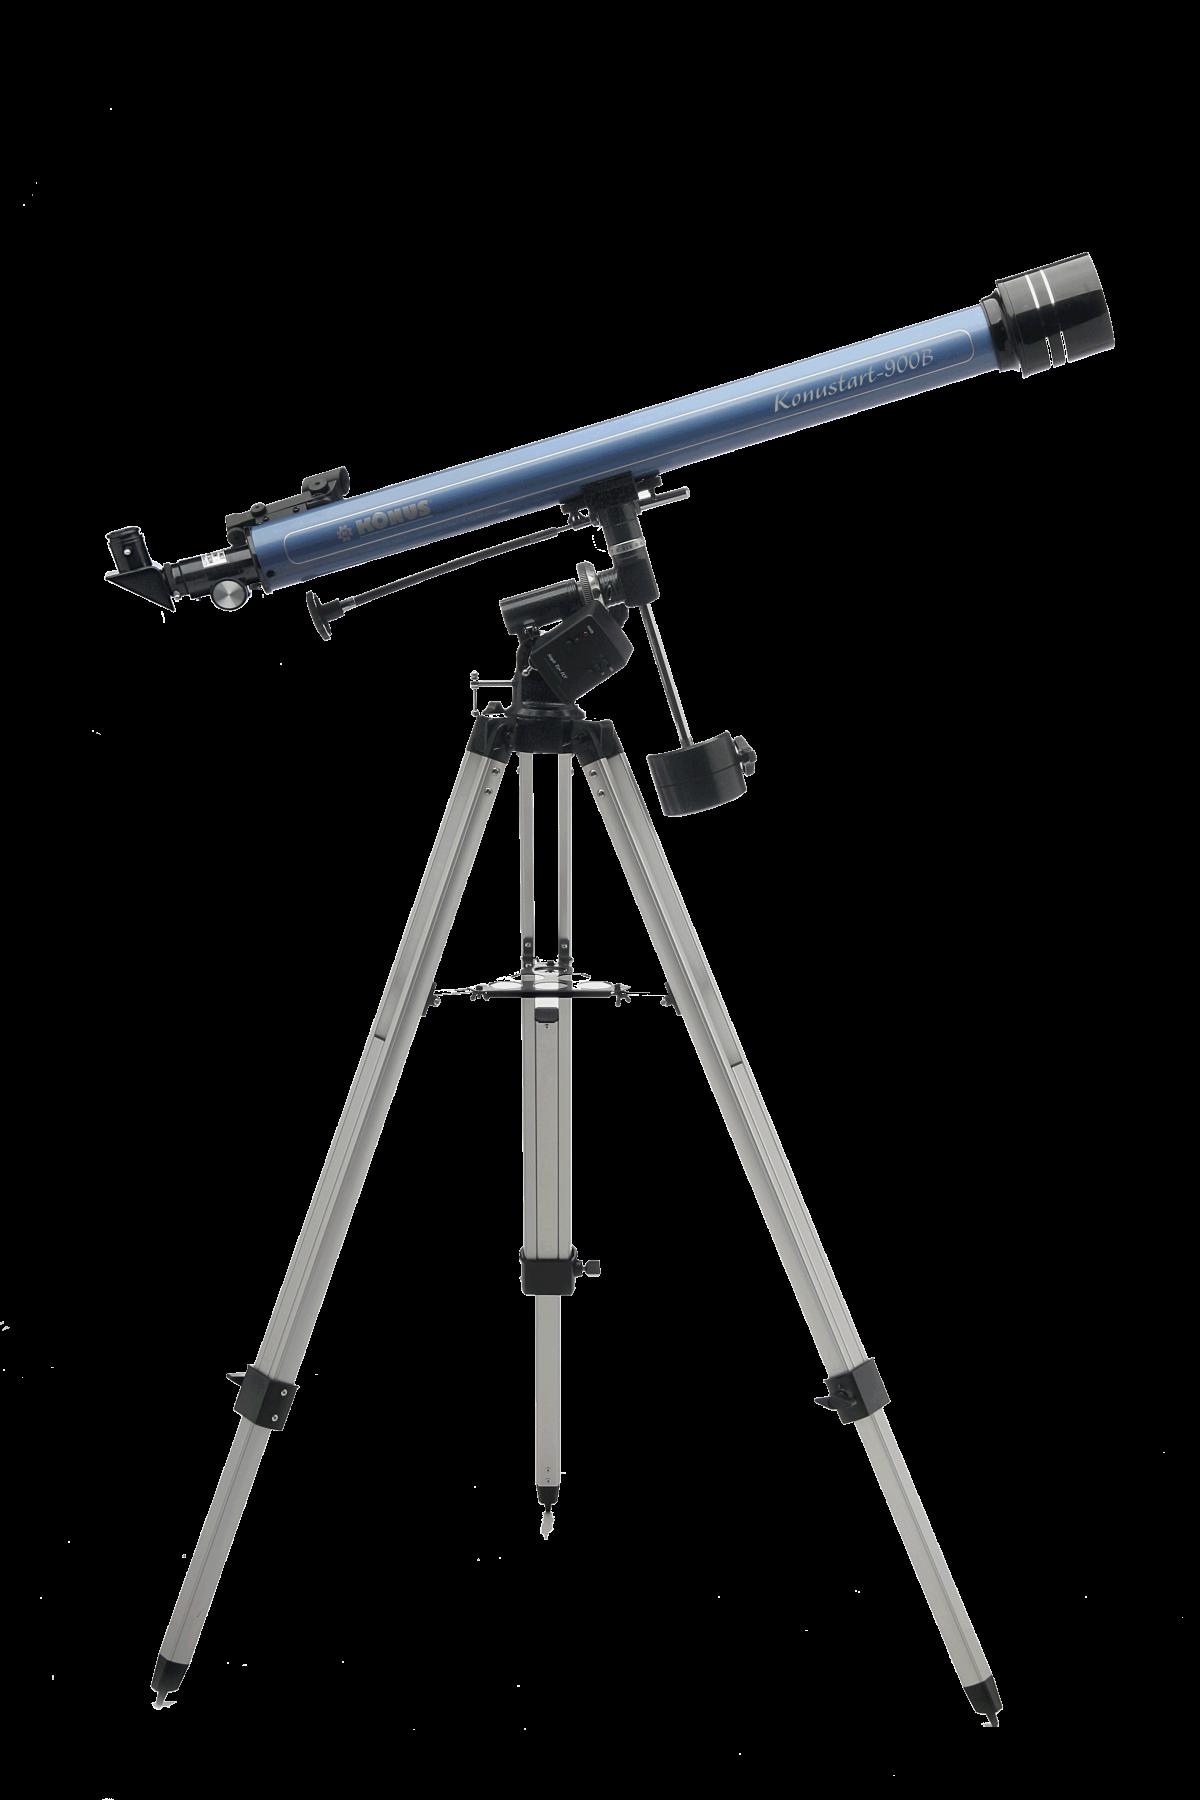 KONUSTART-900B